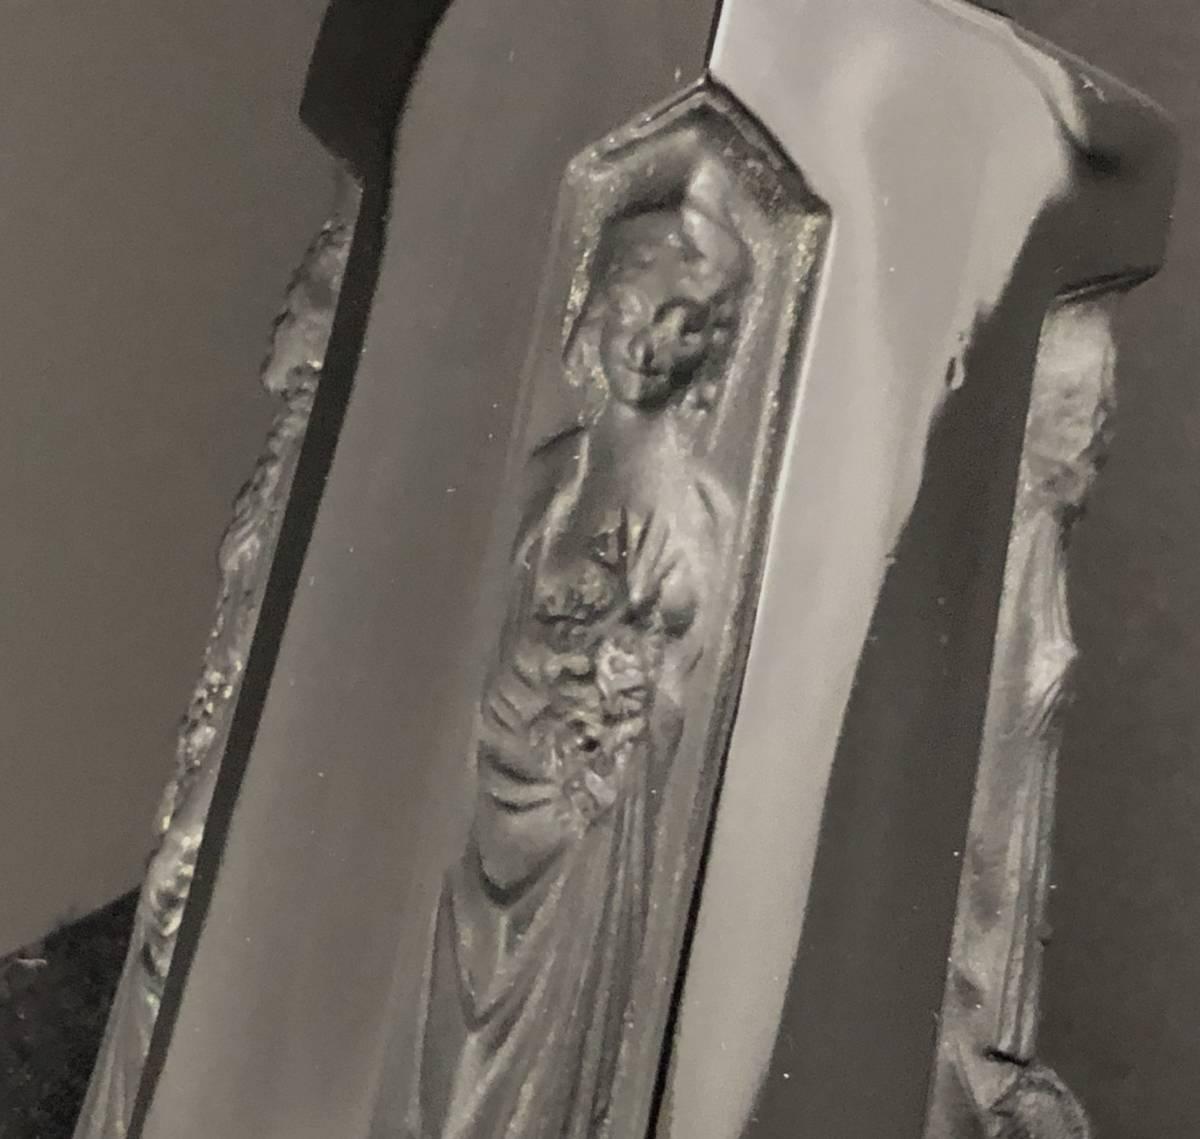 【値下げ可】/ルネ・ラリック/AMBRE D'ORSAY/黒/アンブル・ドルセー/高さ13cm/香水瓶/Lalique/フランス有名ブランド/ガラス工芸/送料無料_画像4